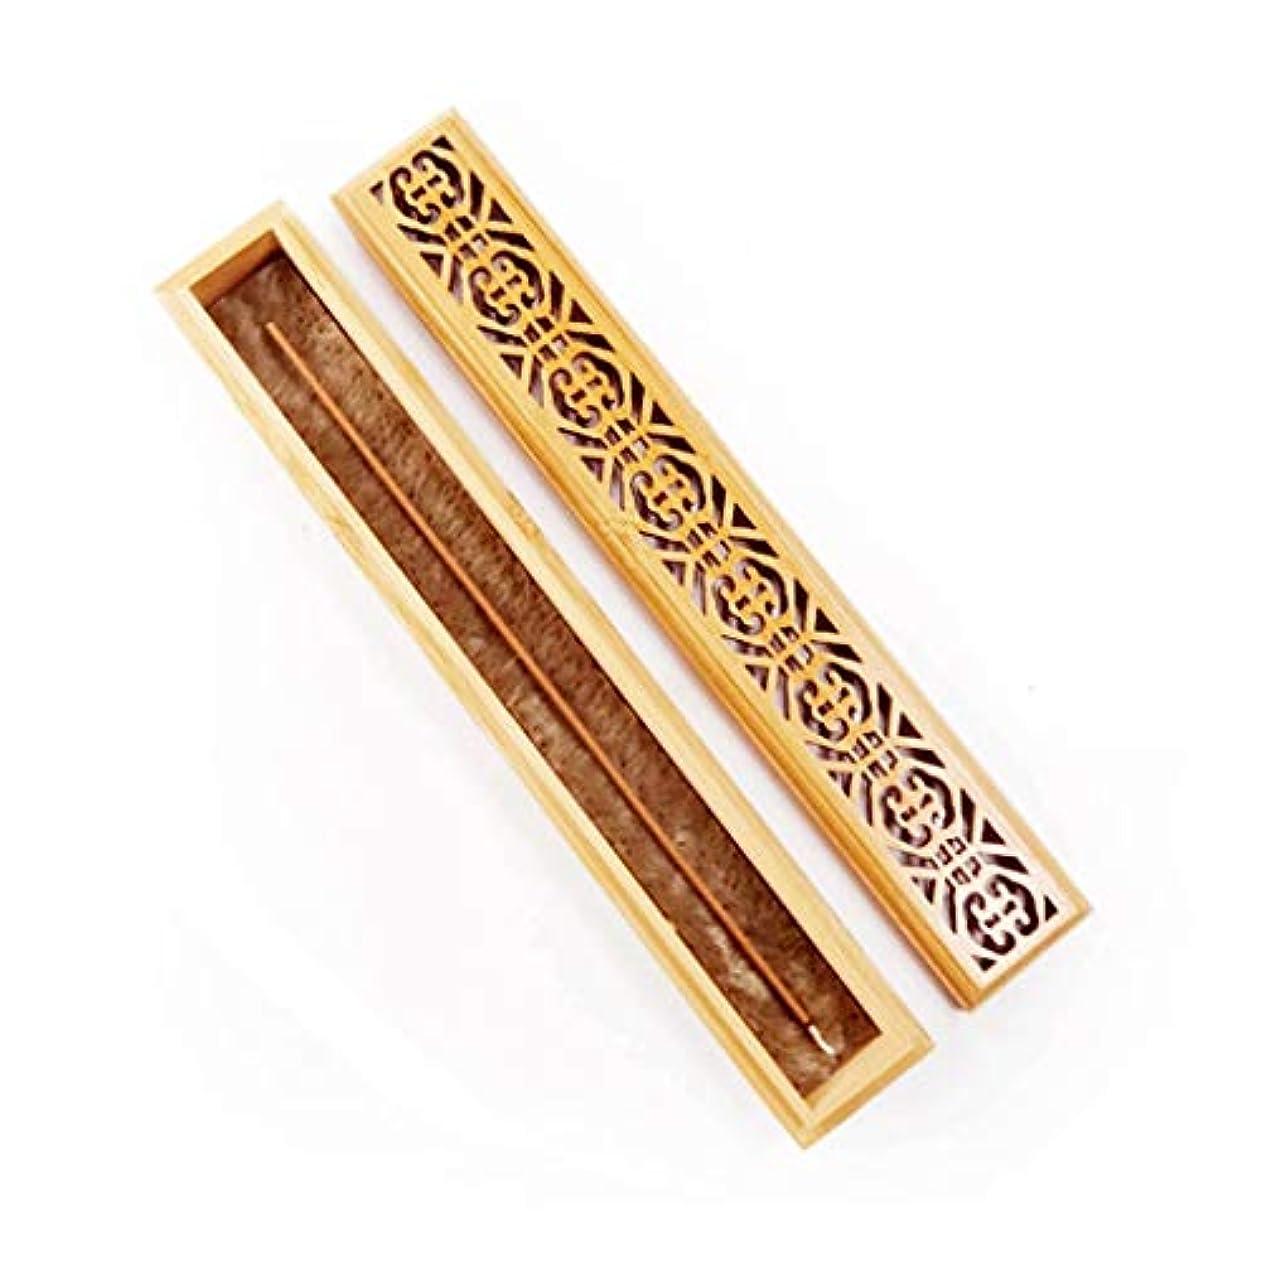 盲目交換レイプヴィンテージ長方形の竹香炉中空パターン絶妙なふた香スティックホルダー灰キャッチャーホーム香ホルダー (Color : Wood, サイズ : 9.29*1.45*1.02inchs)